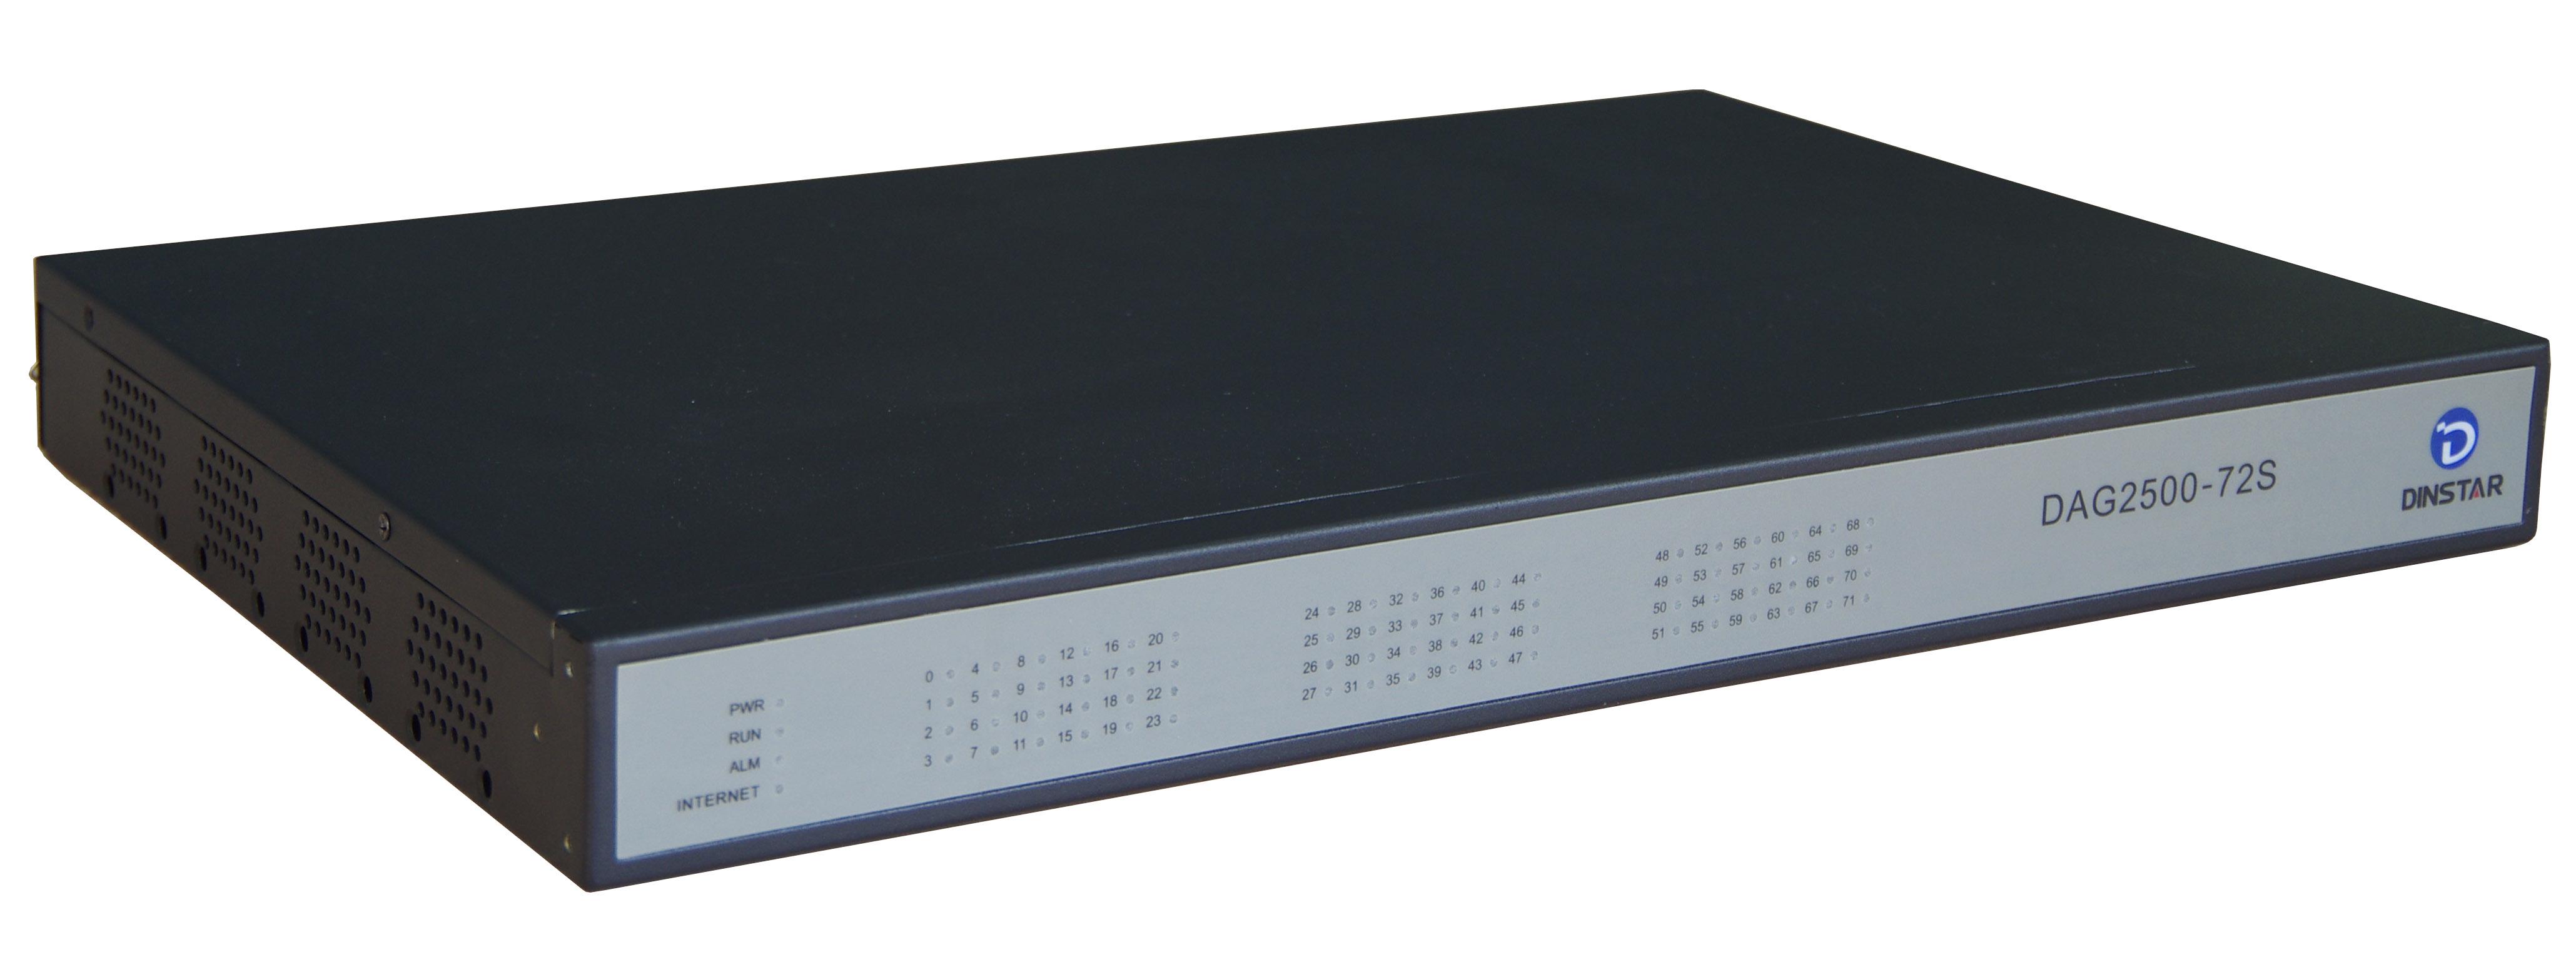 1-150GGP604